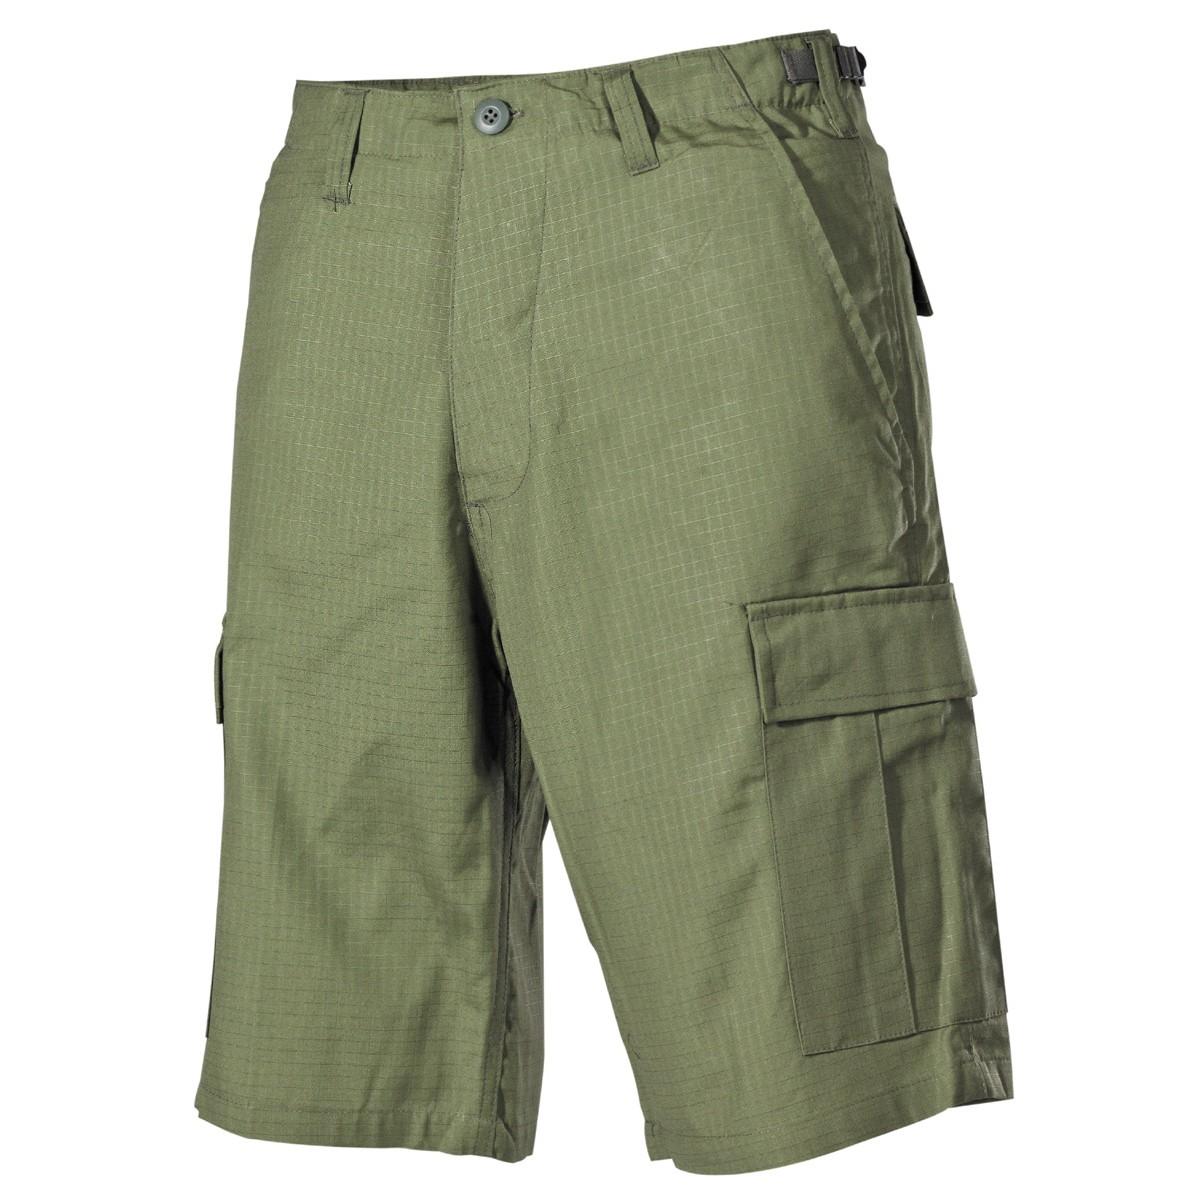 422f4ec3f Krátke nohavice MFH US BDU Rip-Stop - olivové - Army a outdoor vybavenie